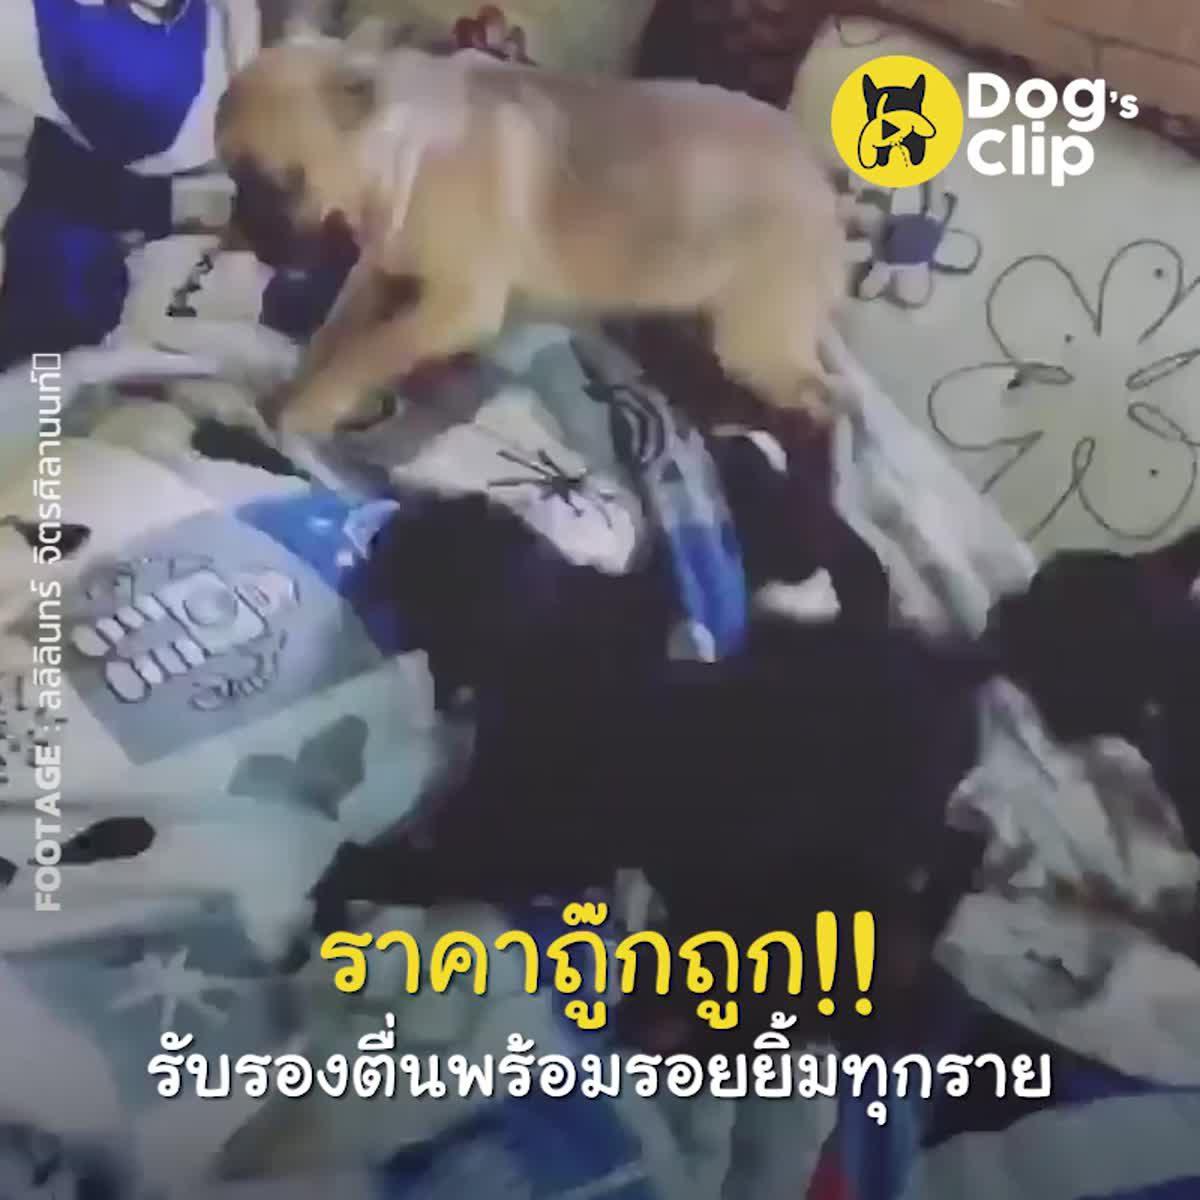 นาฬิกาสำหรับคนรักน้องหมาขี้เซาไม่ควรพลาด ราคาถู๊กถูก!! รับรองตื่นพร้อมรอยยิ้มทุกราย